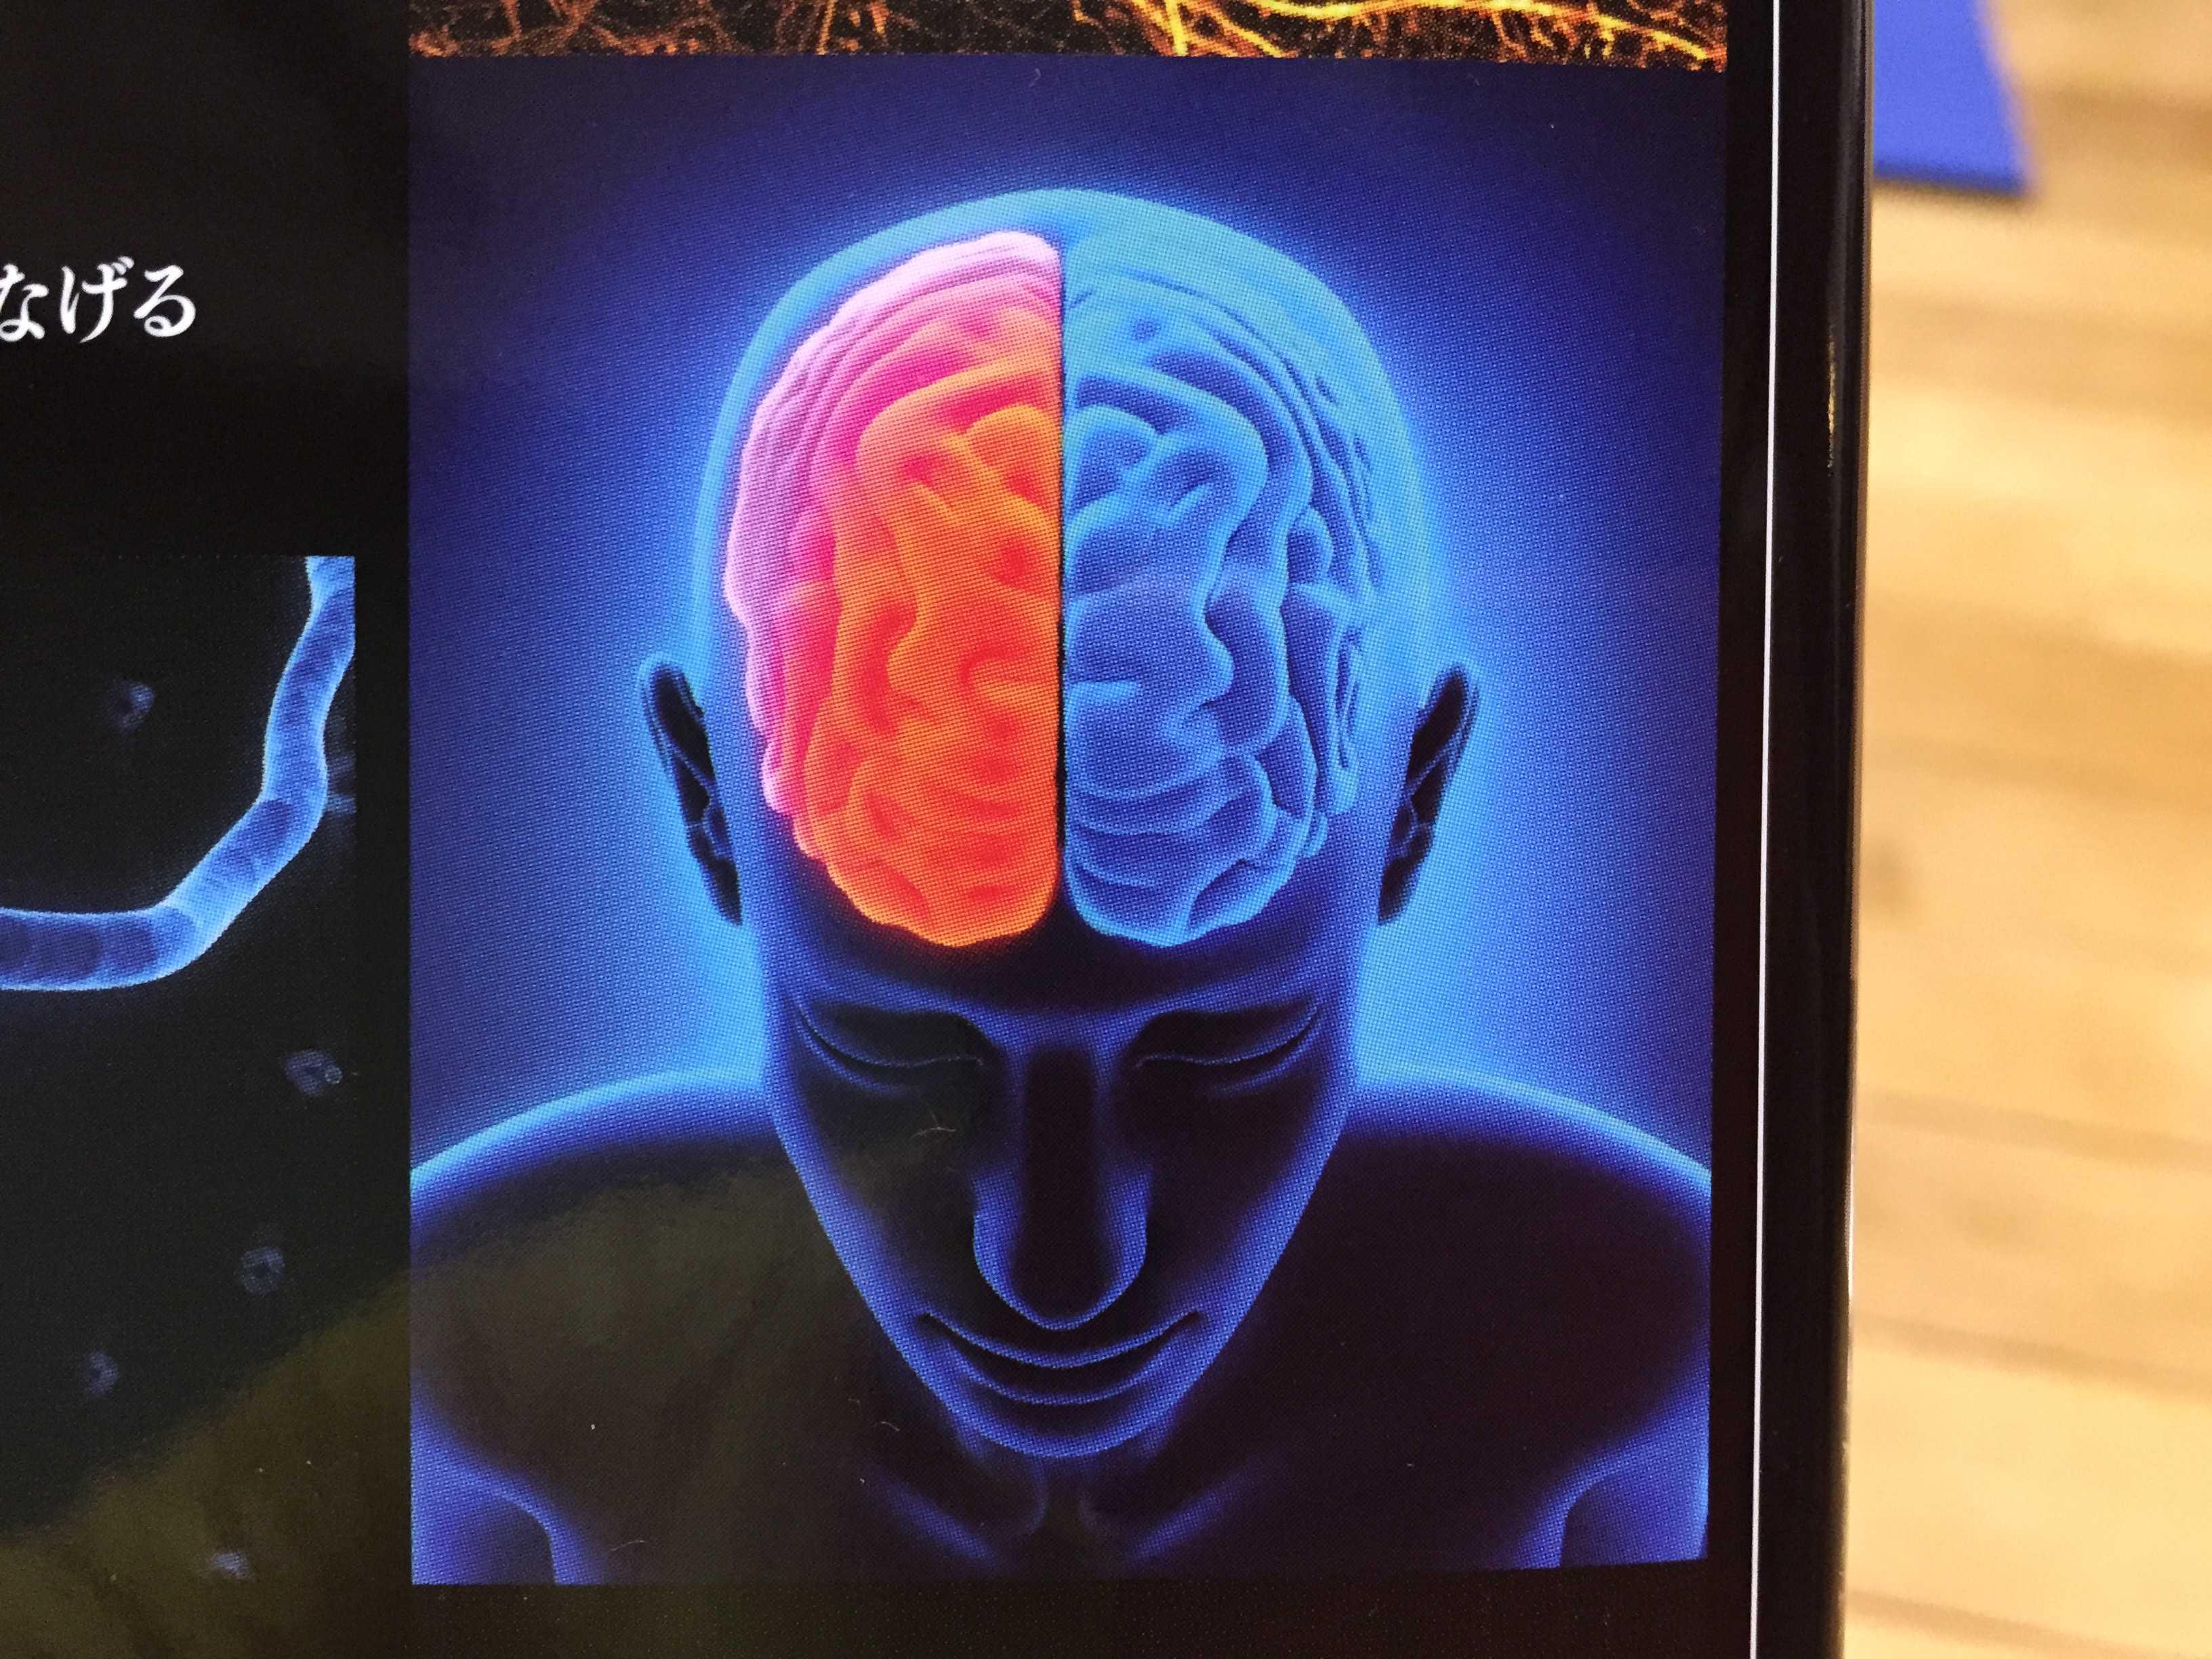 【大人のための図鑑】脳と心のしくみ 脳研究のスペシャリスト 池谷裕二監修